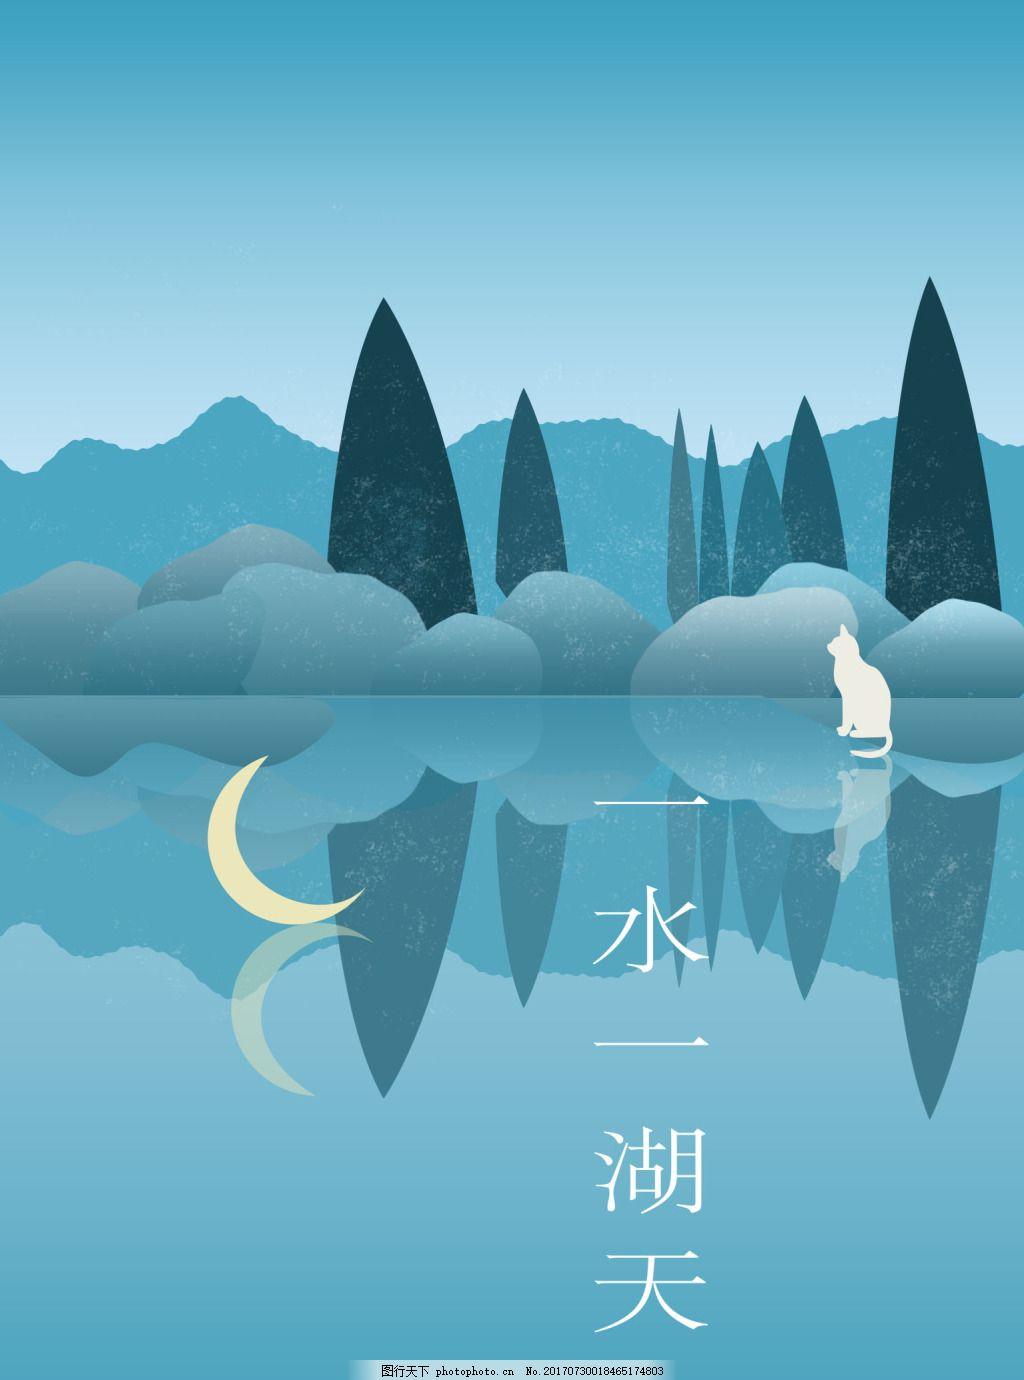 插画一水一湖天 矢量 风景 唯美 浪漫 海报 展板